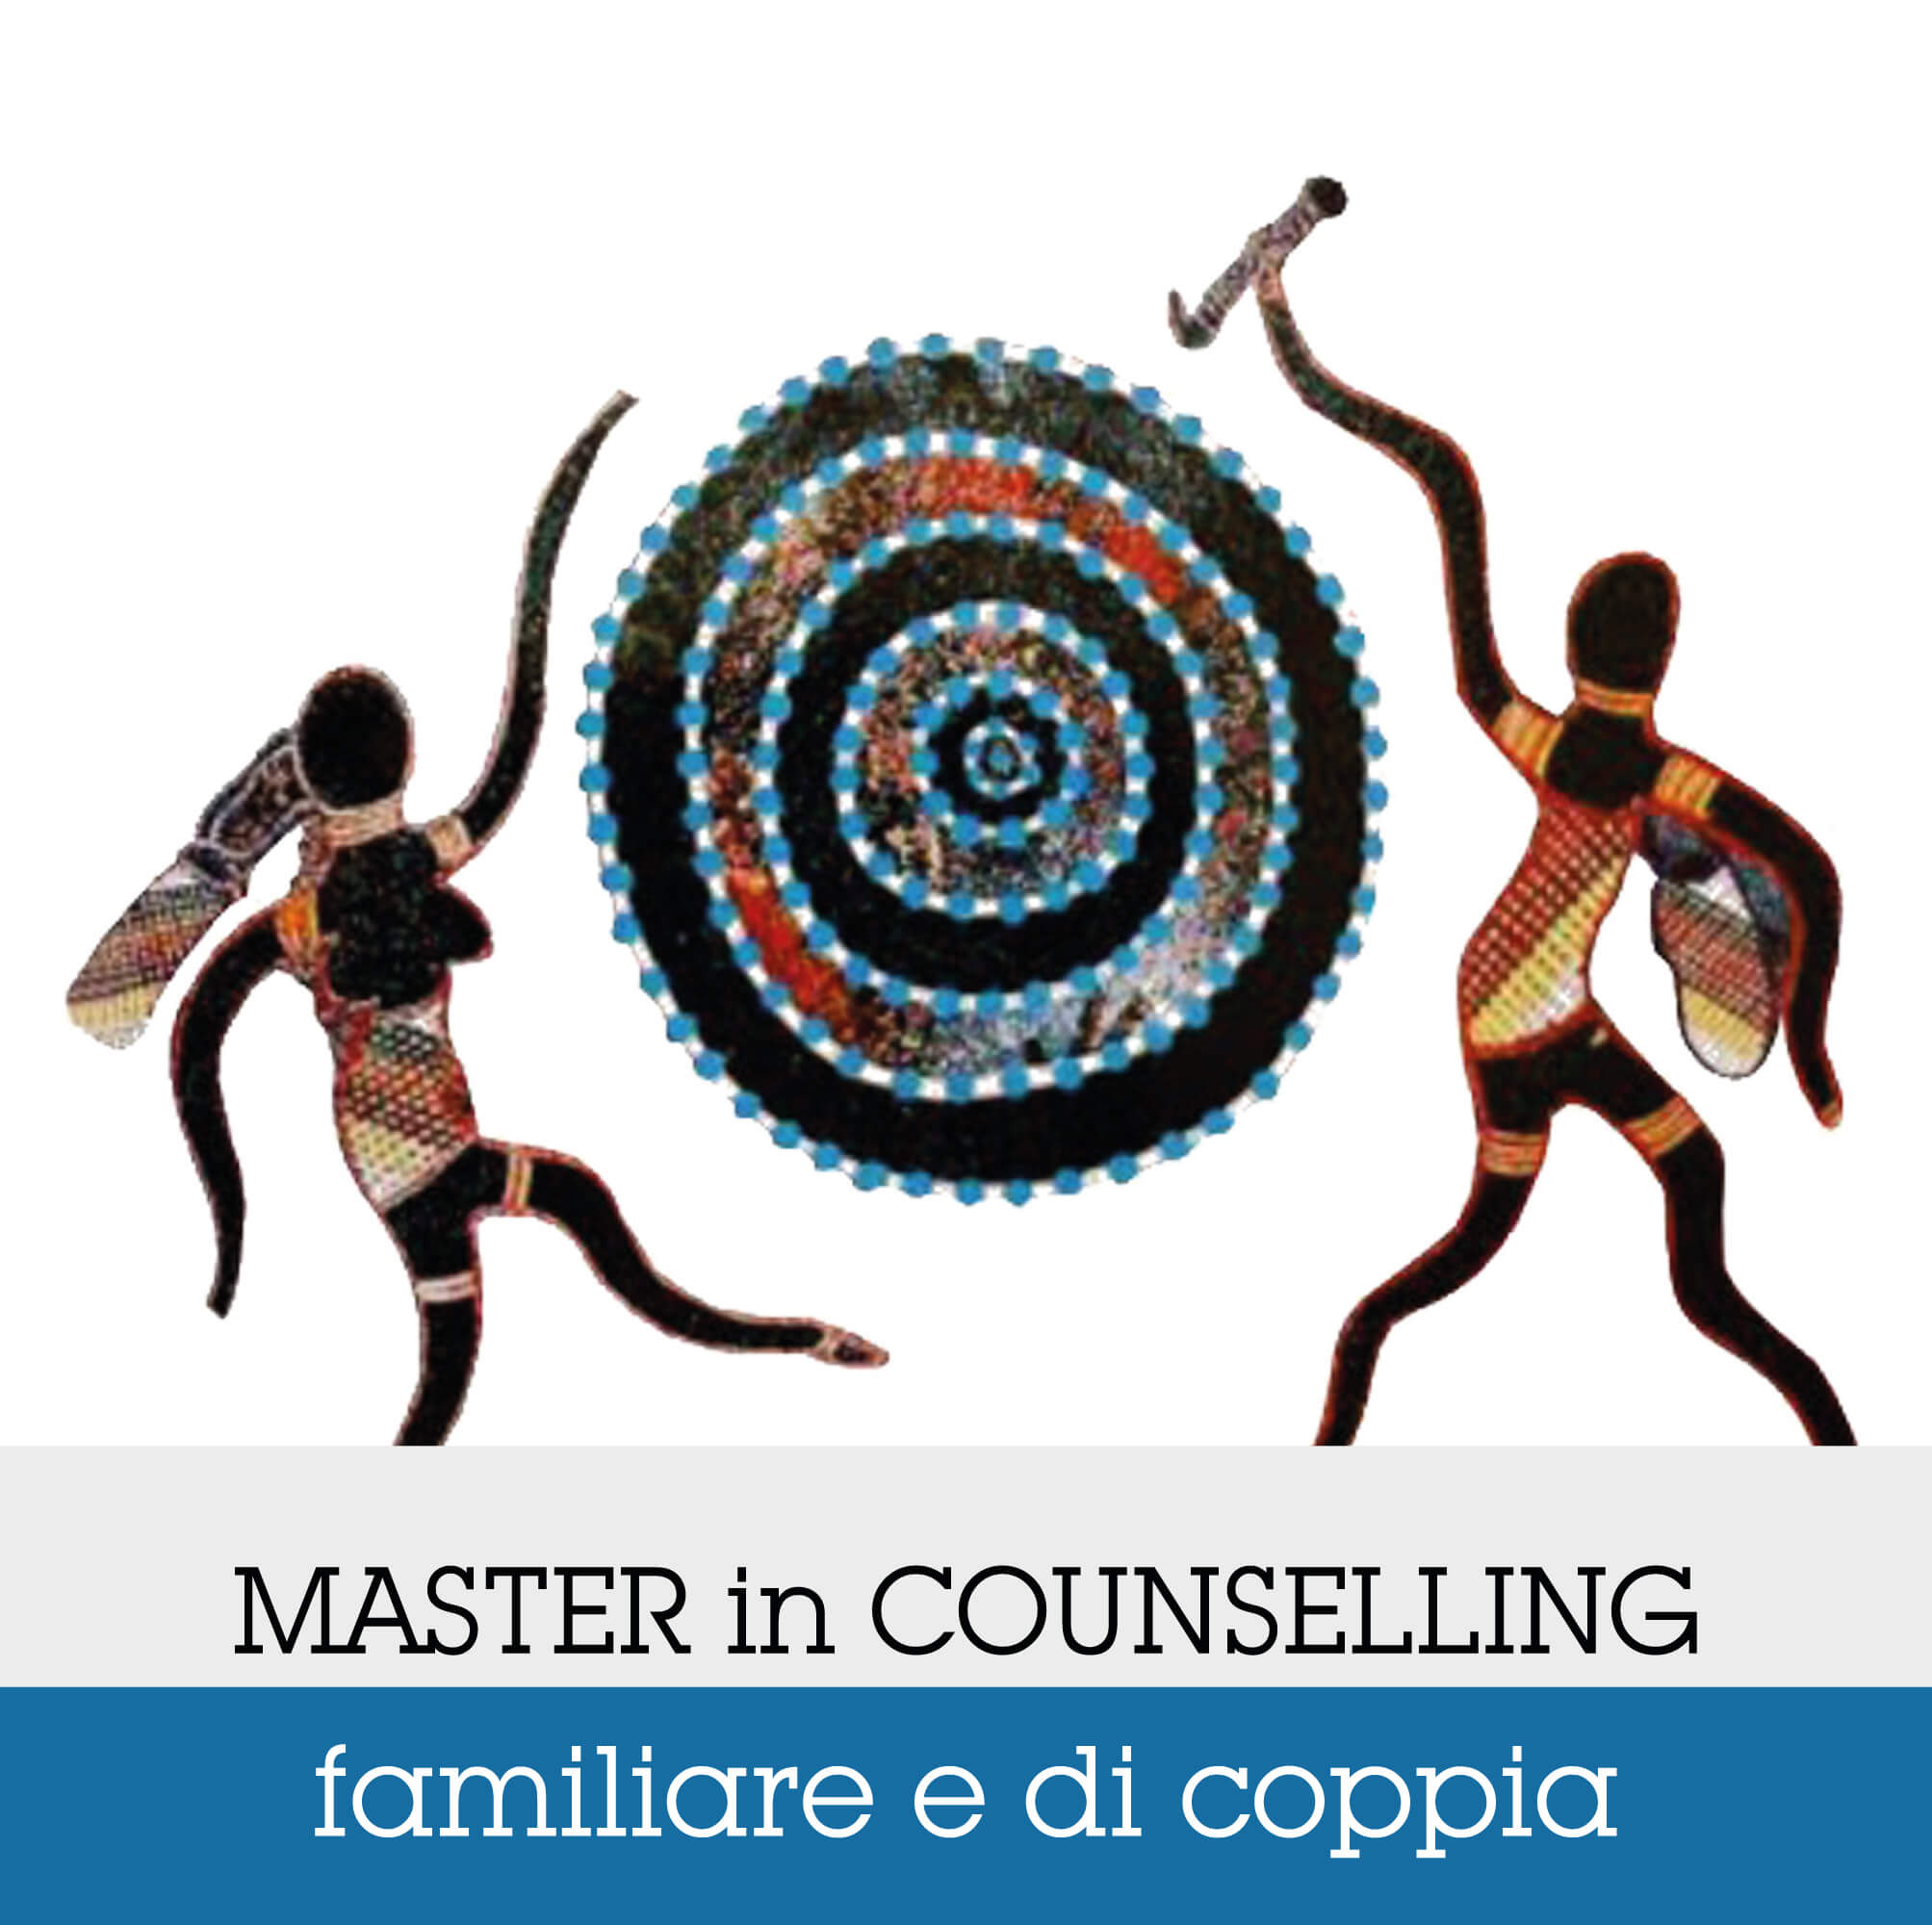 Counselling familiare e di coppia – Master universitario di secondo livello